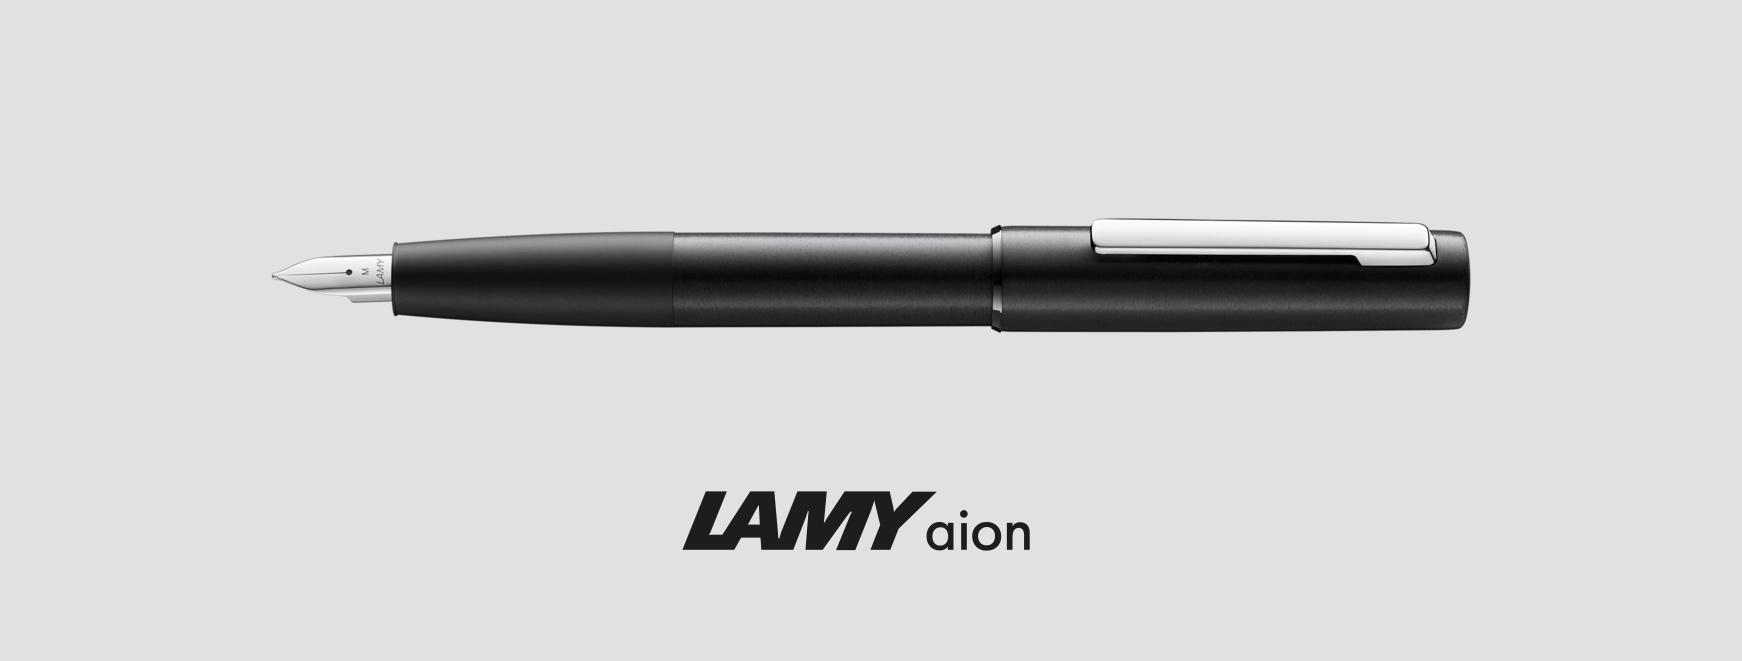 ปากกา LAMY รุ่น aion